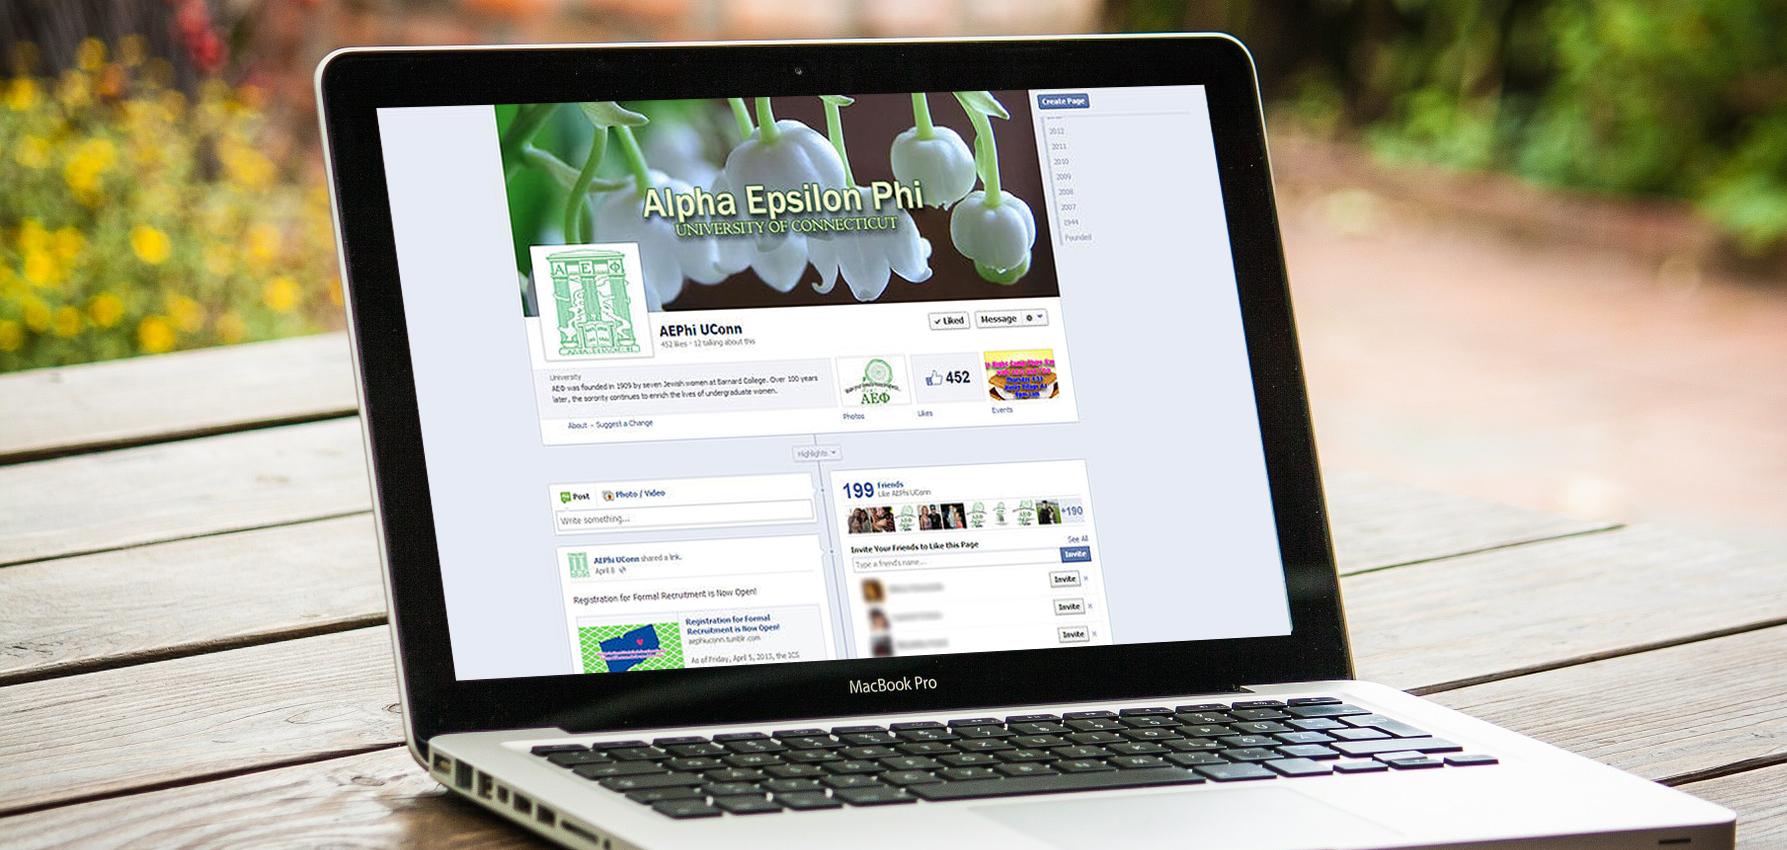 AEPhi Social Media